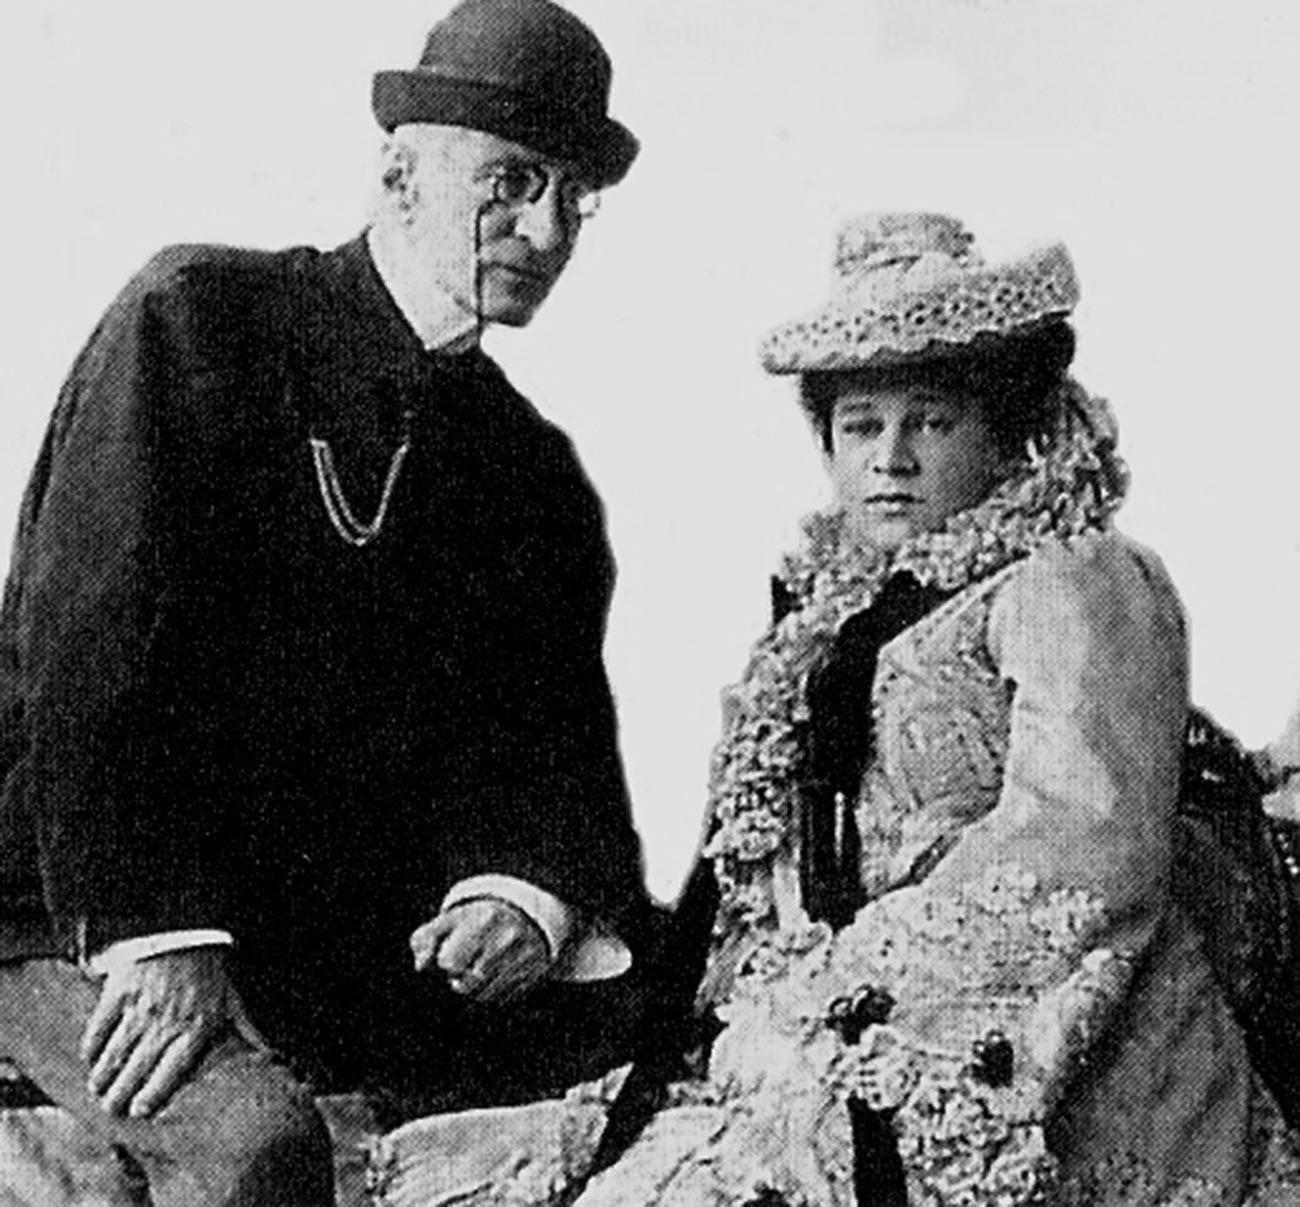 Велики кнез Николај Константинович са женом Надеждом Александровном у Ташкенту.